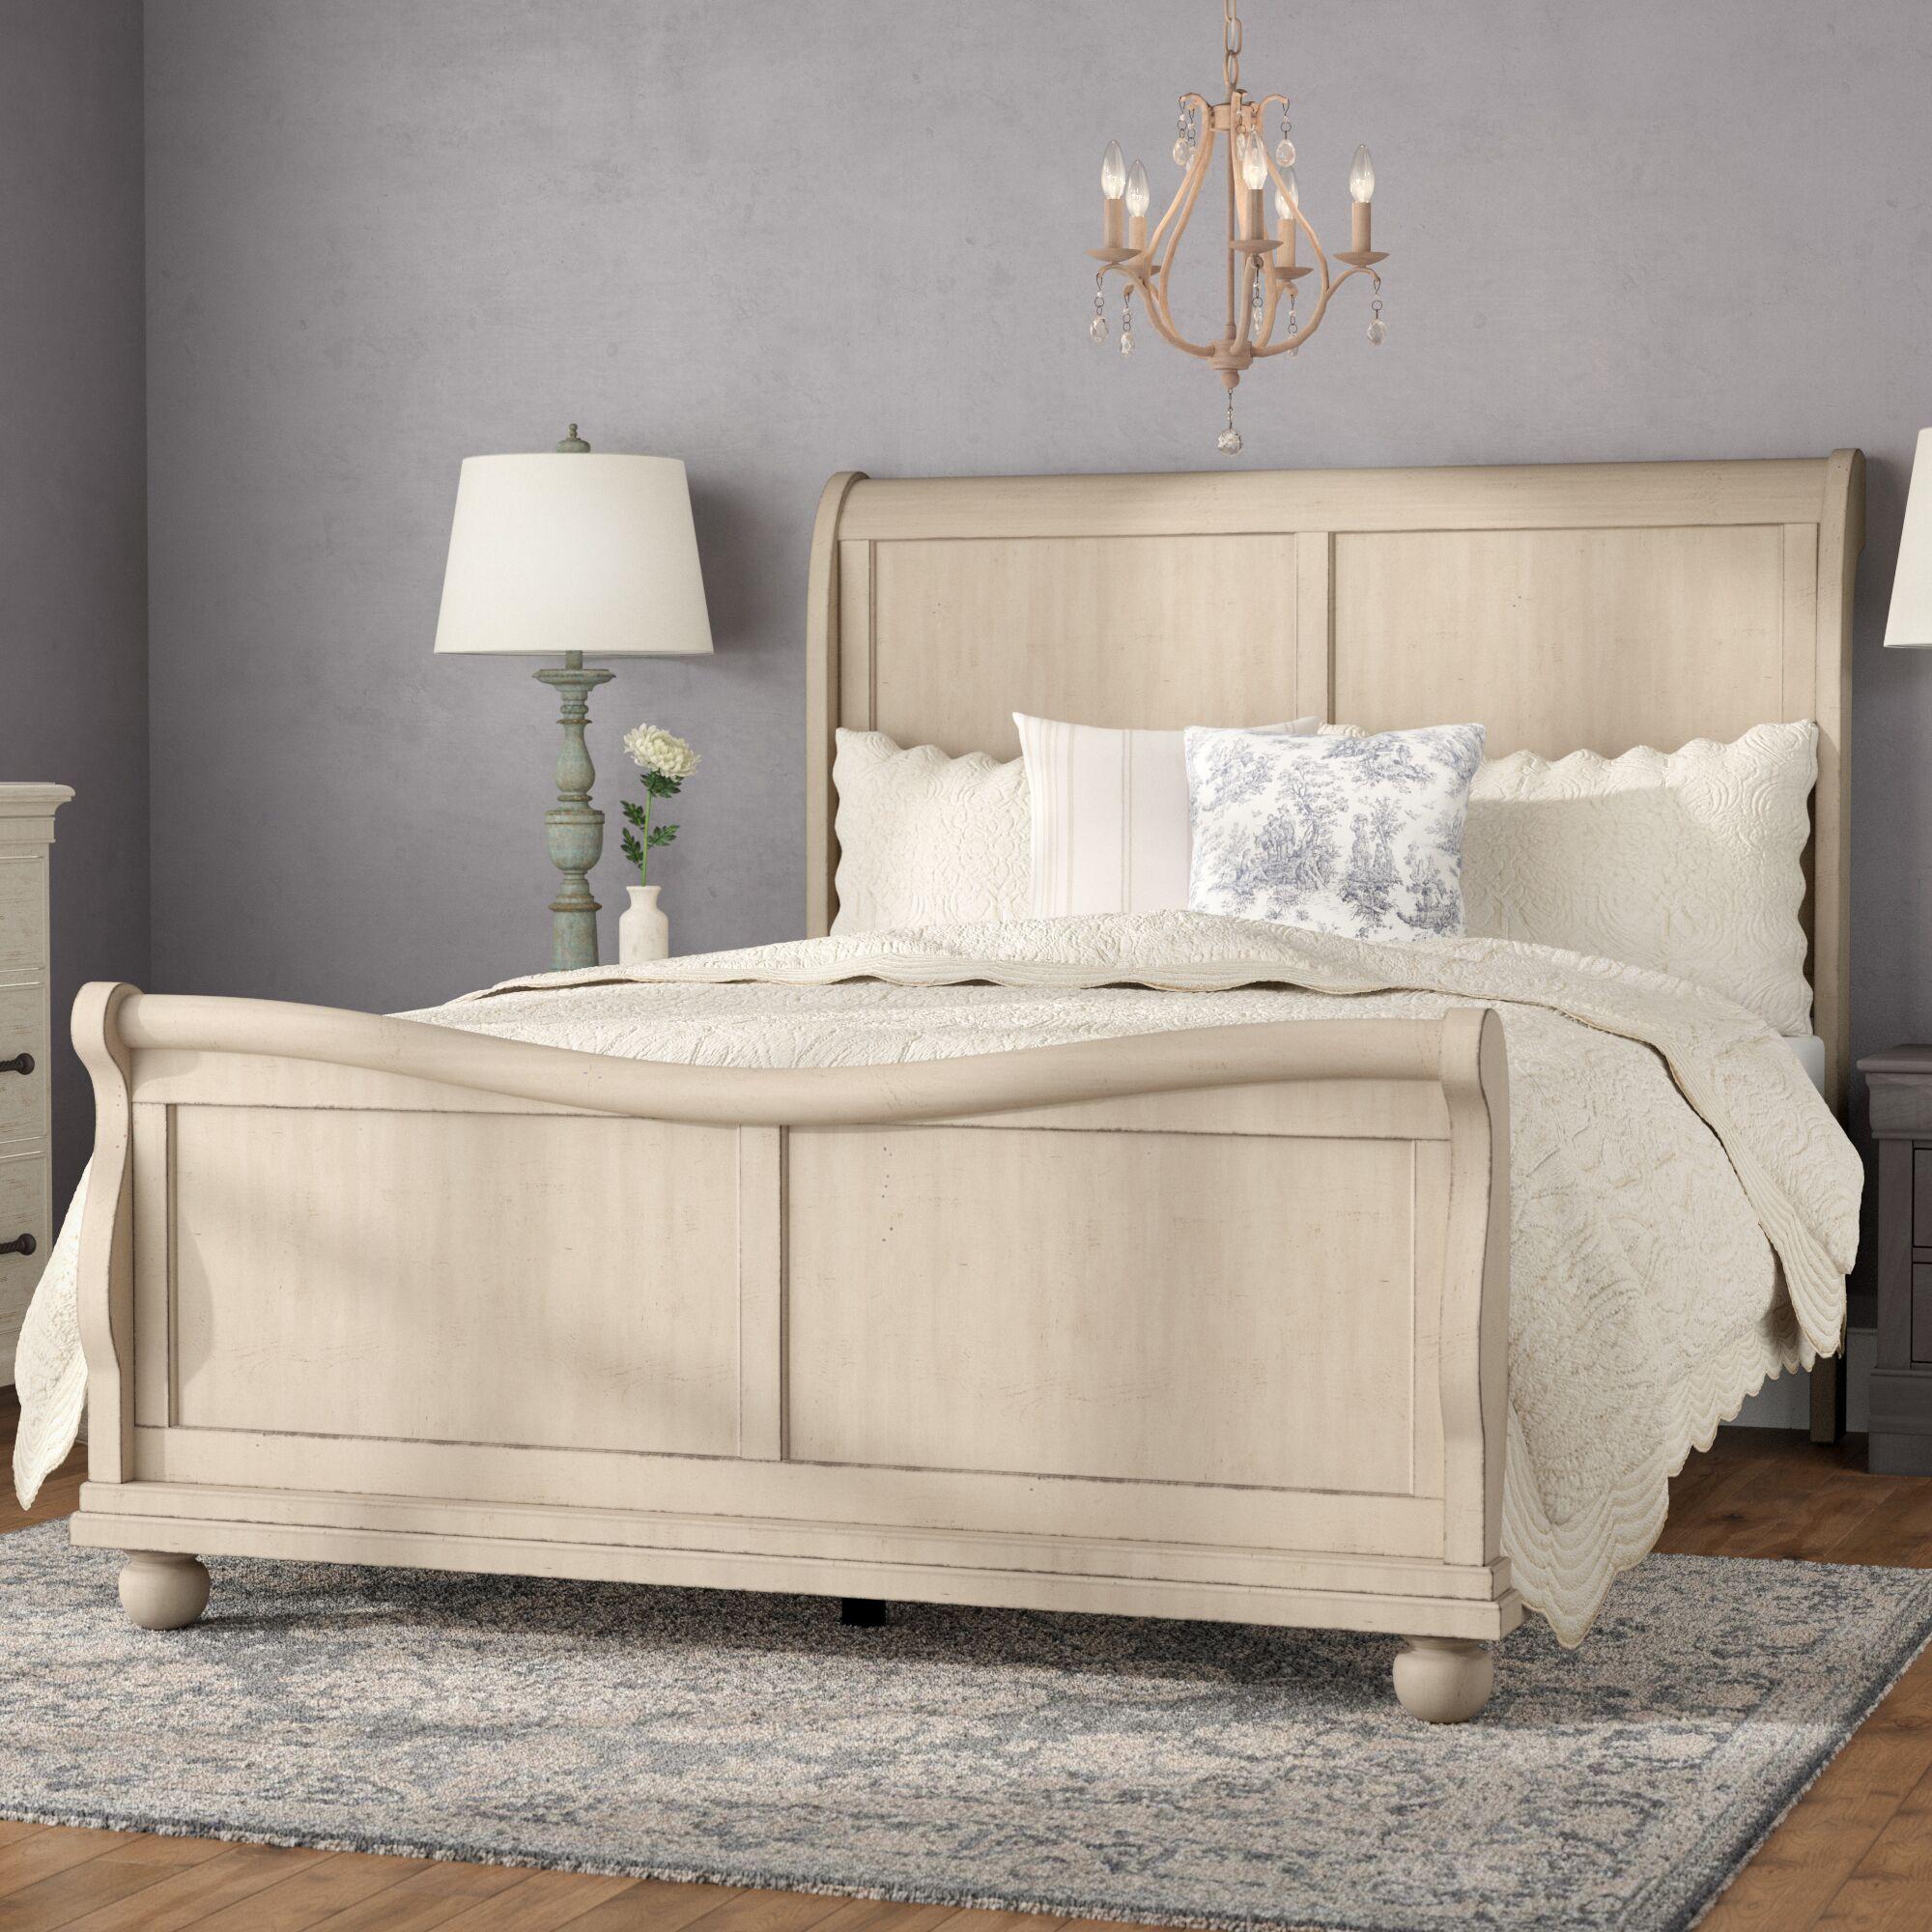 Oreana Sleigh Bed Size: Queen